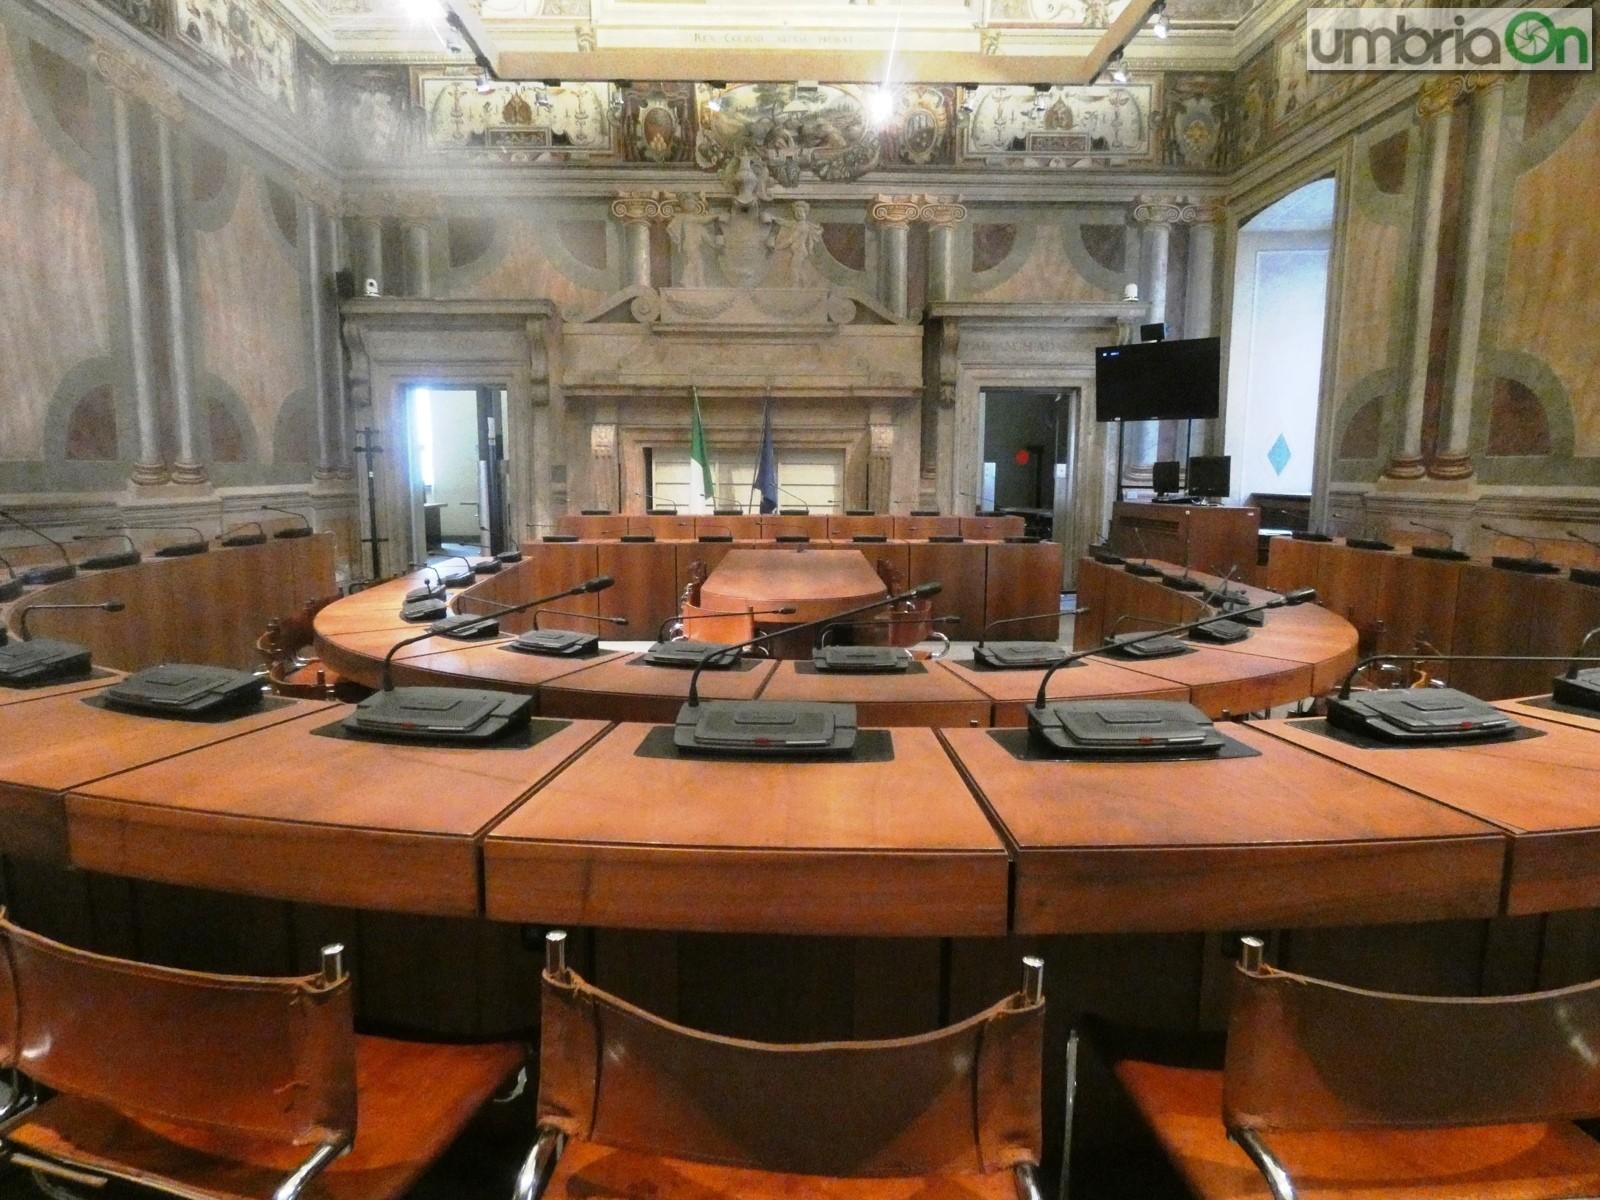 Arredamento Ufficio Terni : Terni definiti membri commissioni consiliari umbriaon